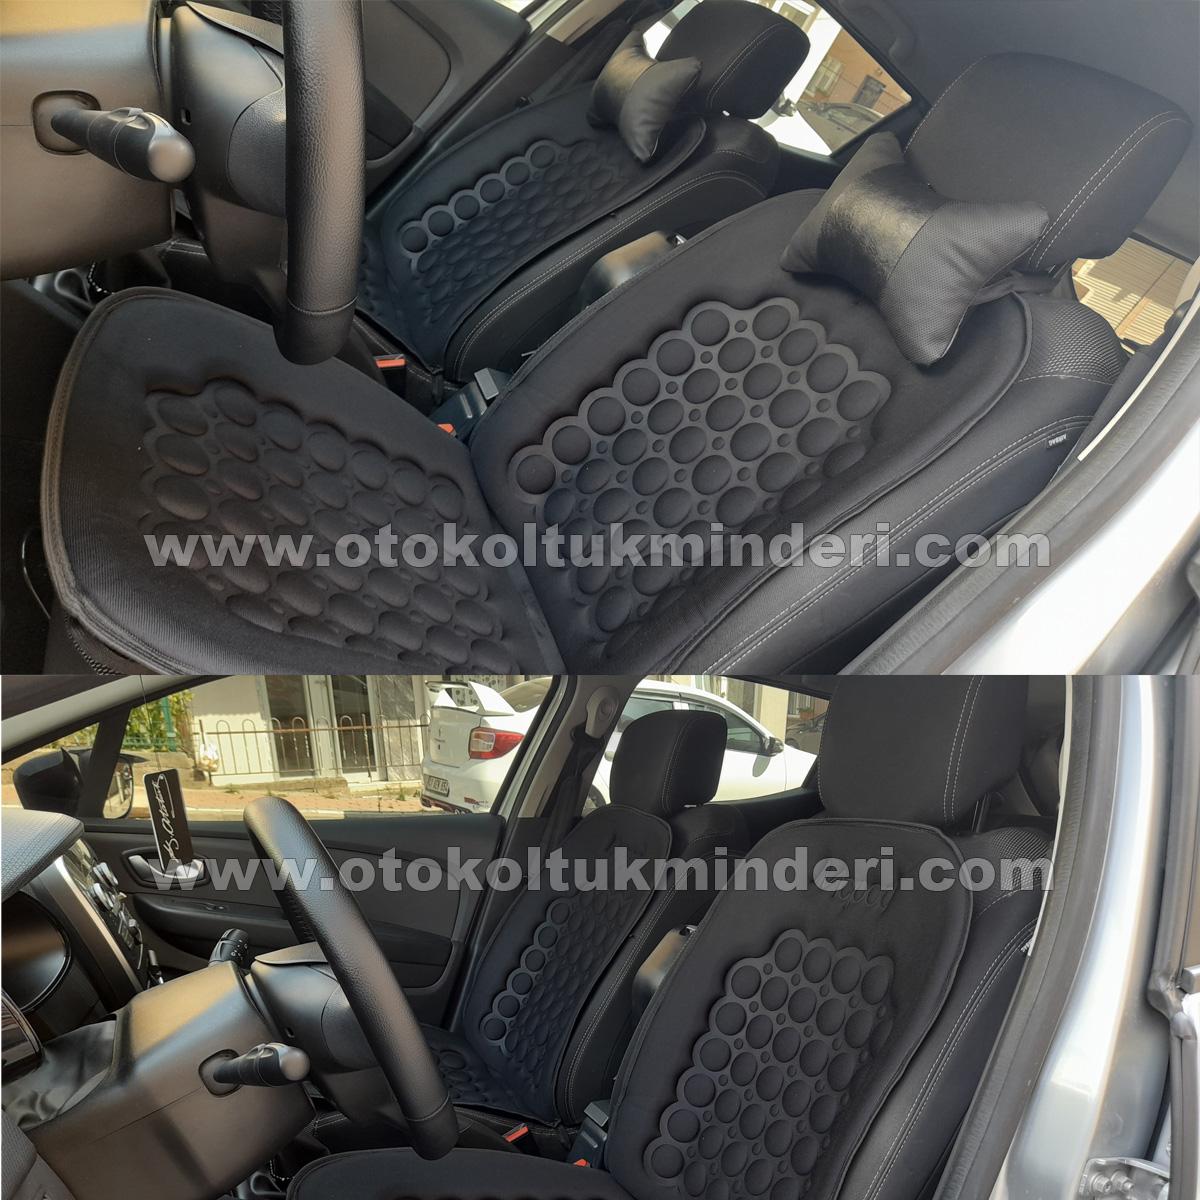 Mazda aksesuar 1 - Mazda uyumlu koltuk minderi